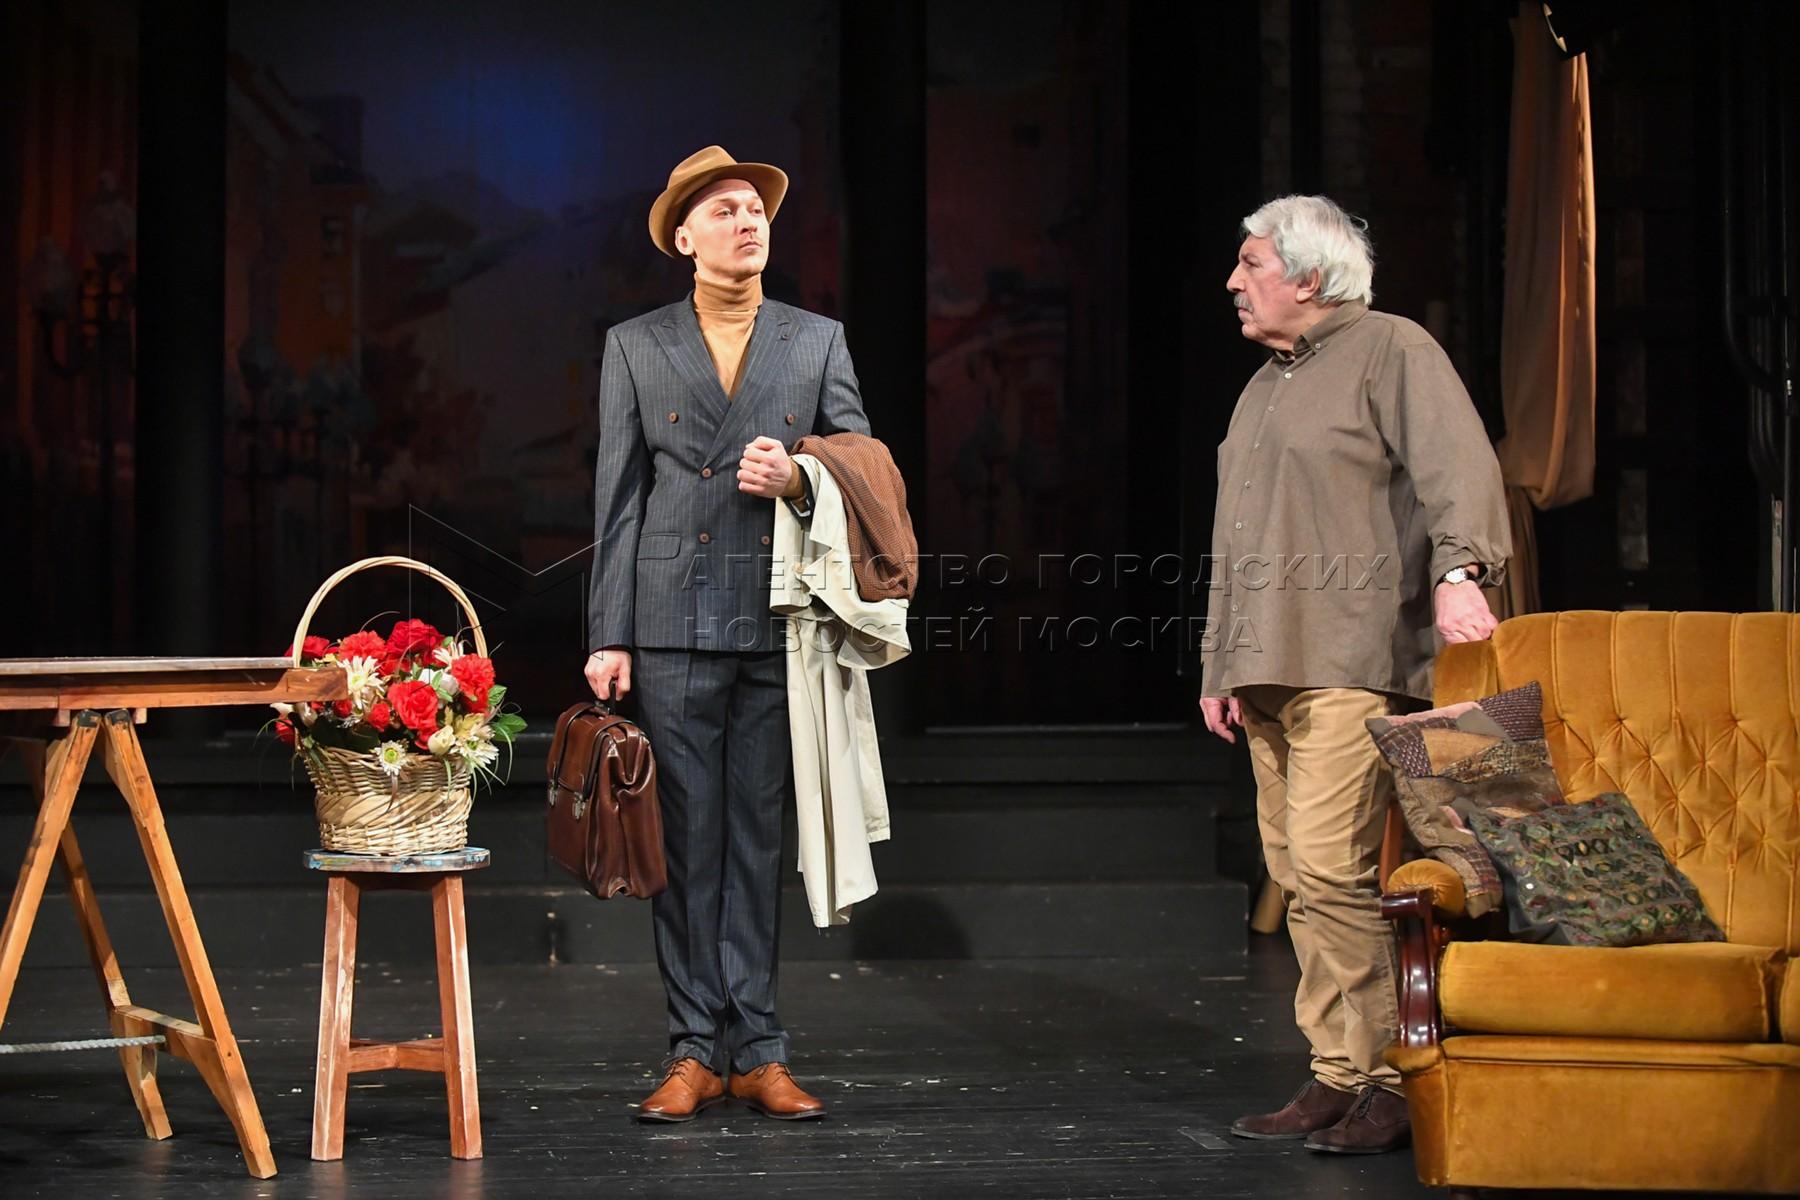 Показ спектакля «Сказки старого Арбата» на Симоновской сцене Государственного академического театра имени Евгения Вахтангова.